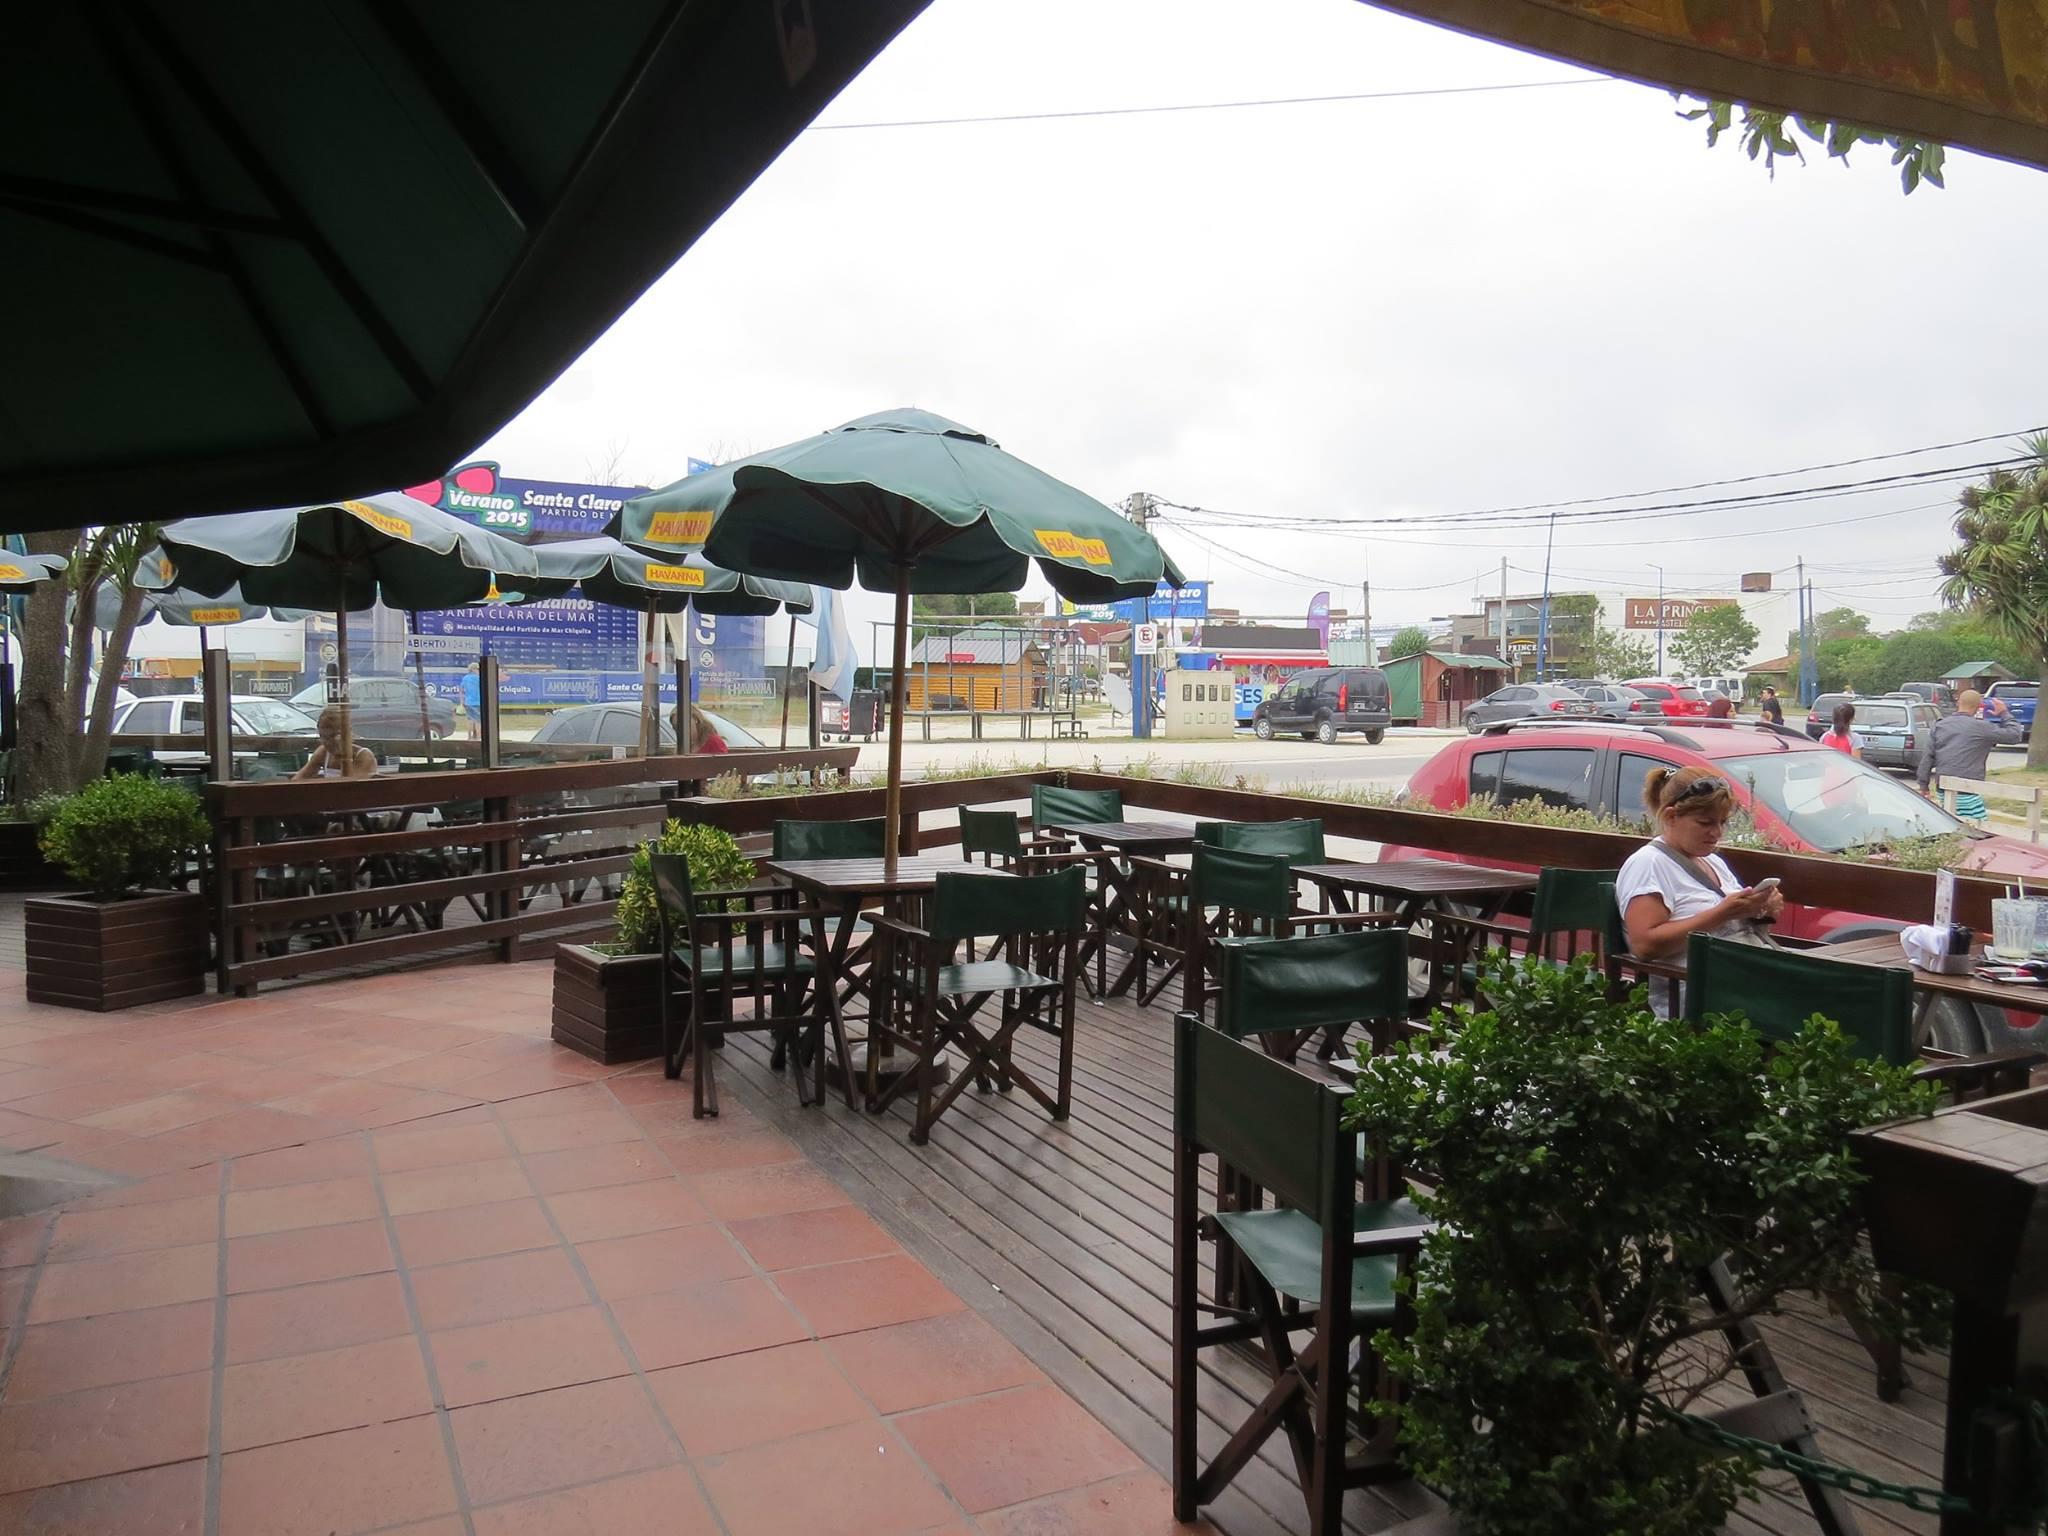 Havanna Santa Clara del Mar